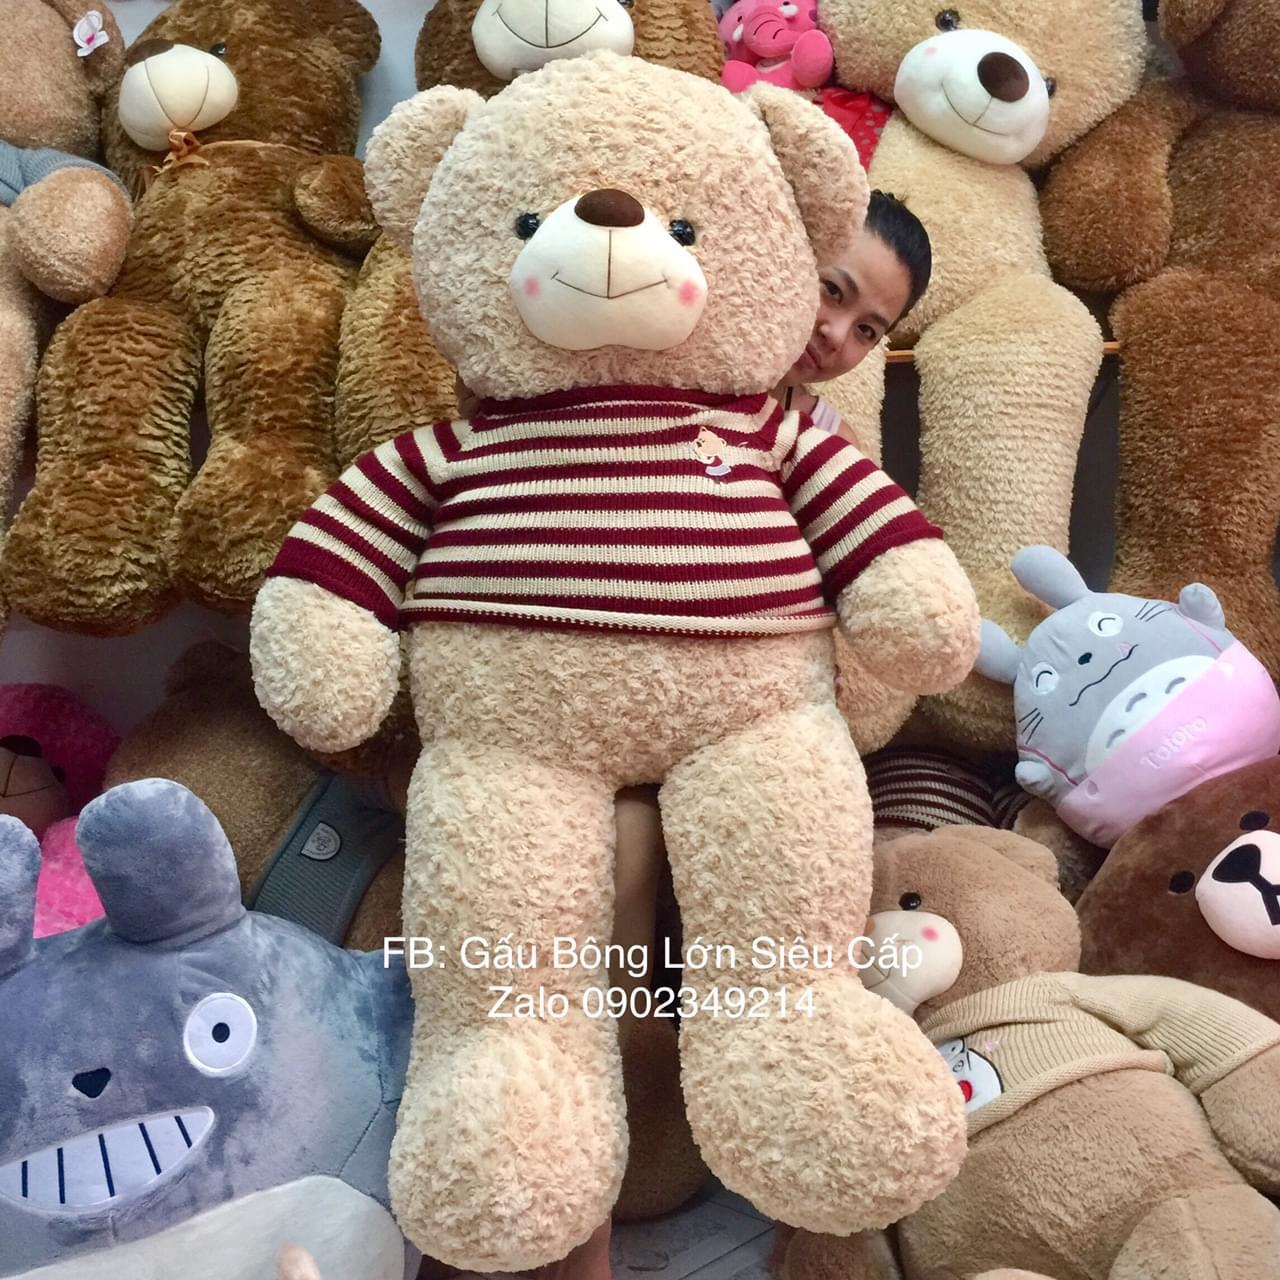 Gấu bông Choco Be Thái Lan cao cấp 1m6